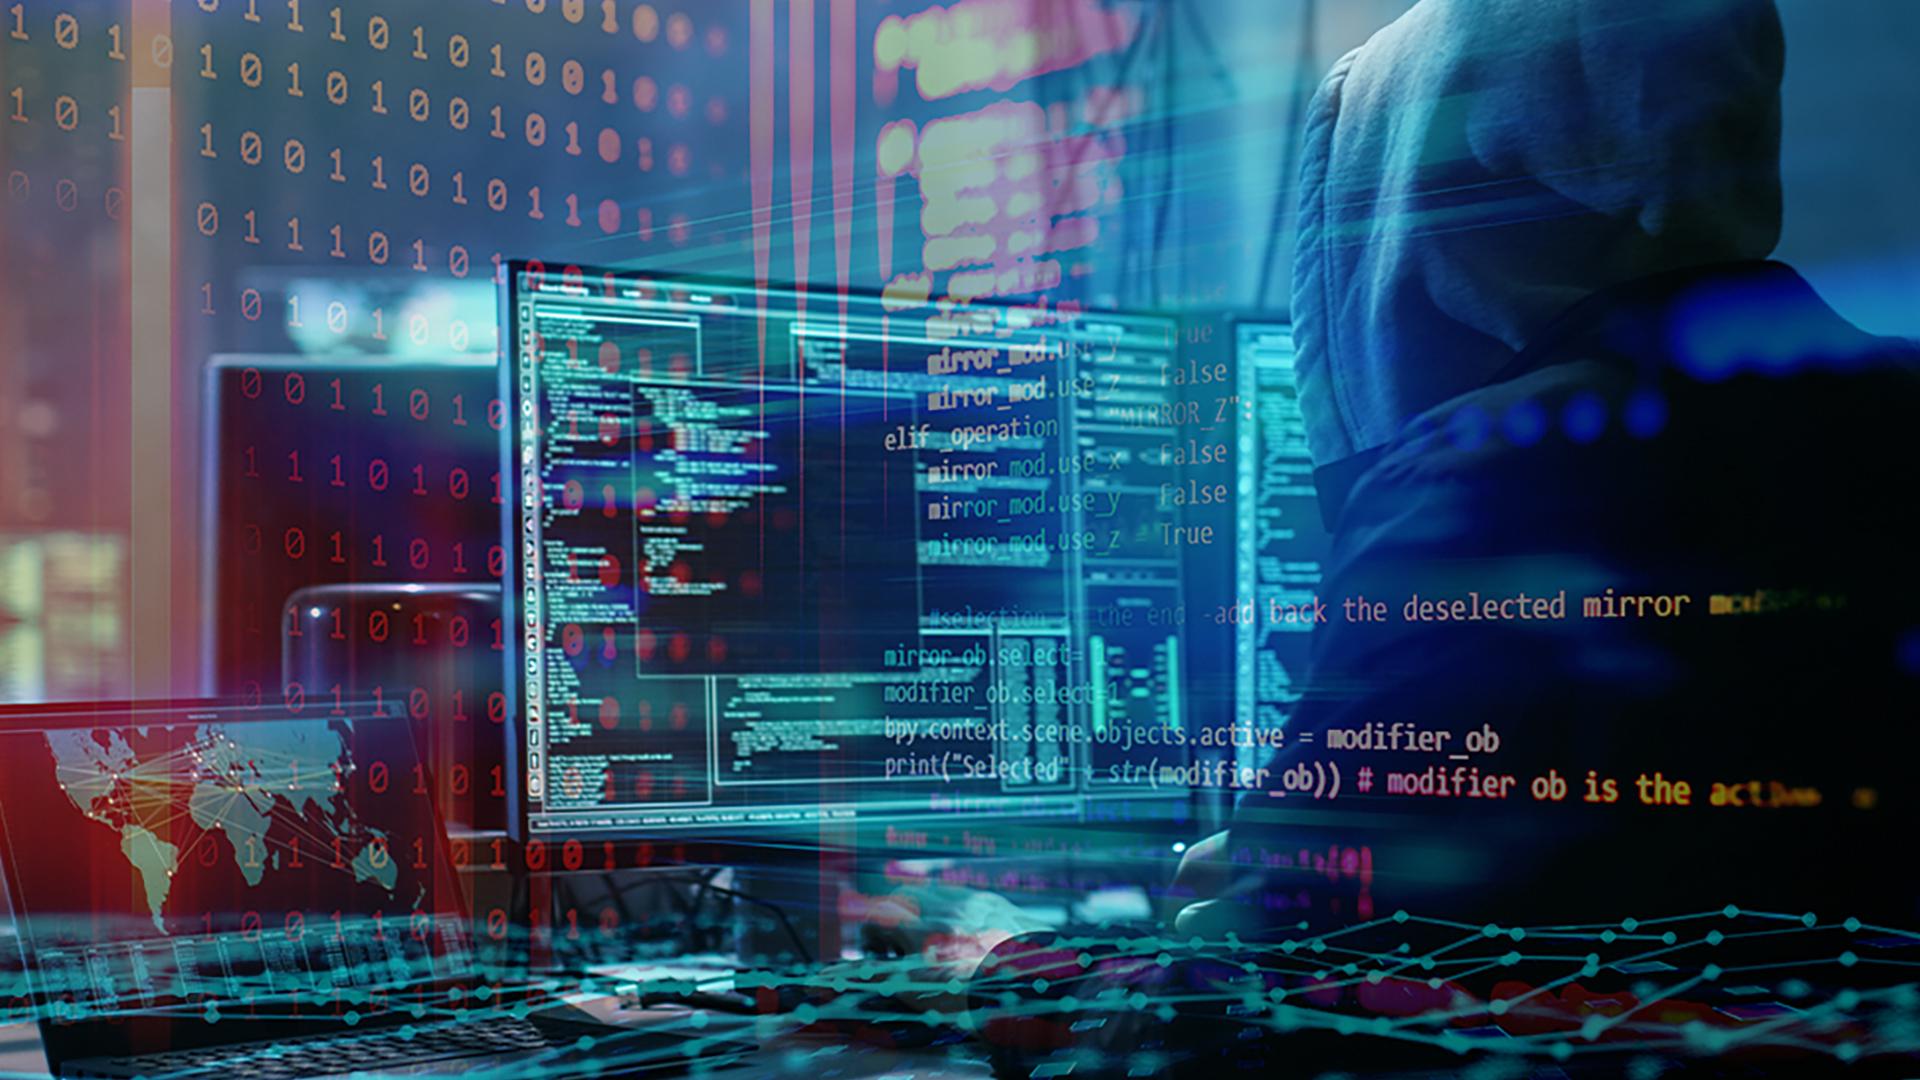 Internet, Sicherheit, Sicherheitslücke, Hacker, Security, Hack, Angriff, Entwickler, Virus, Kriminalität, Hacking, Cybersecurity, Internetkriminalität, Code, Quellcode, Programmierung, Darknet, Programmierer, Hacker Angriffe, Ransom, Programmieren, Coder, Console